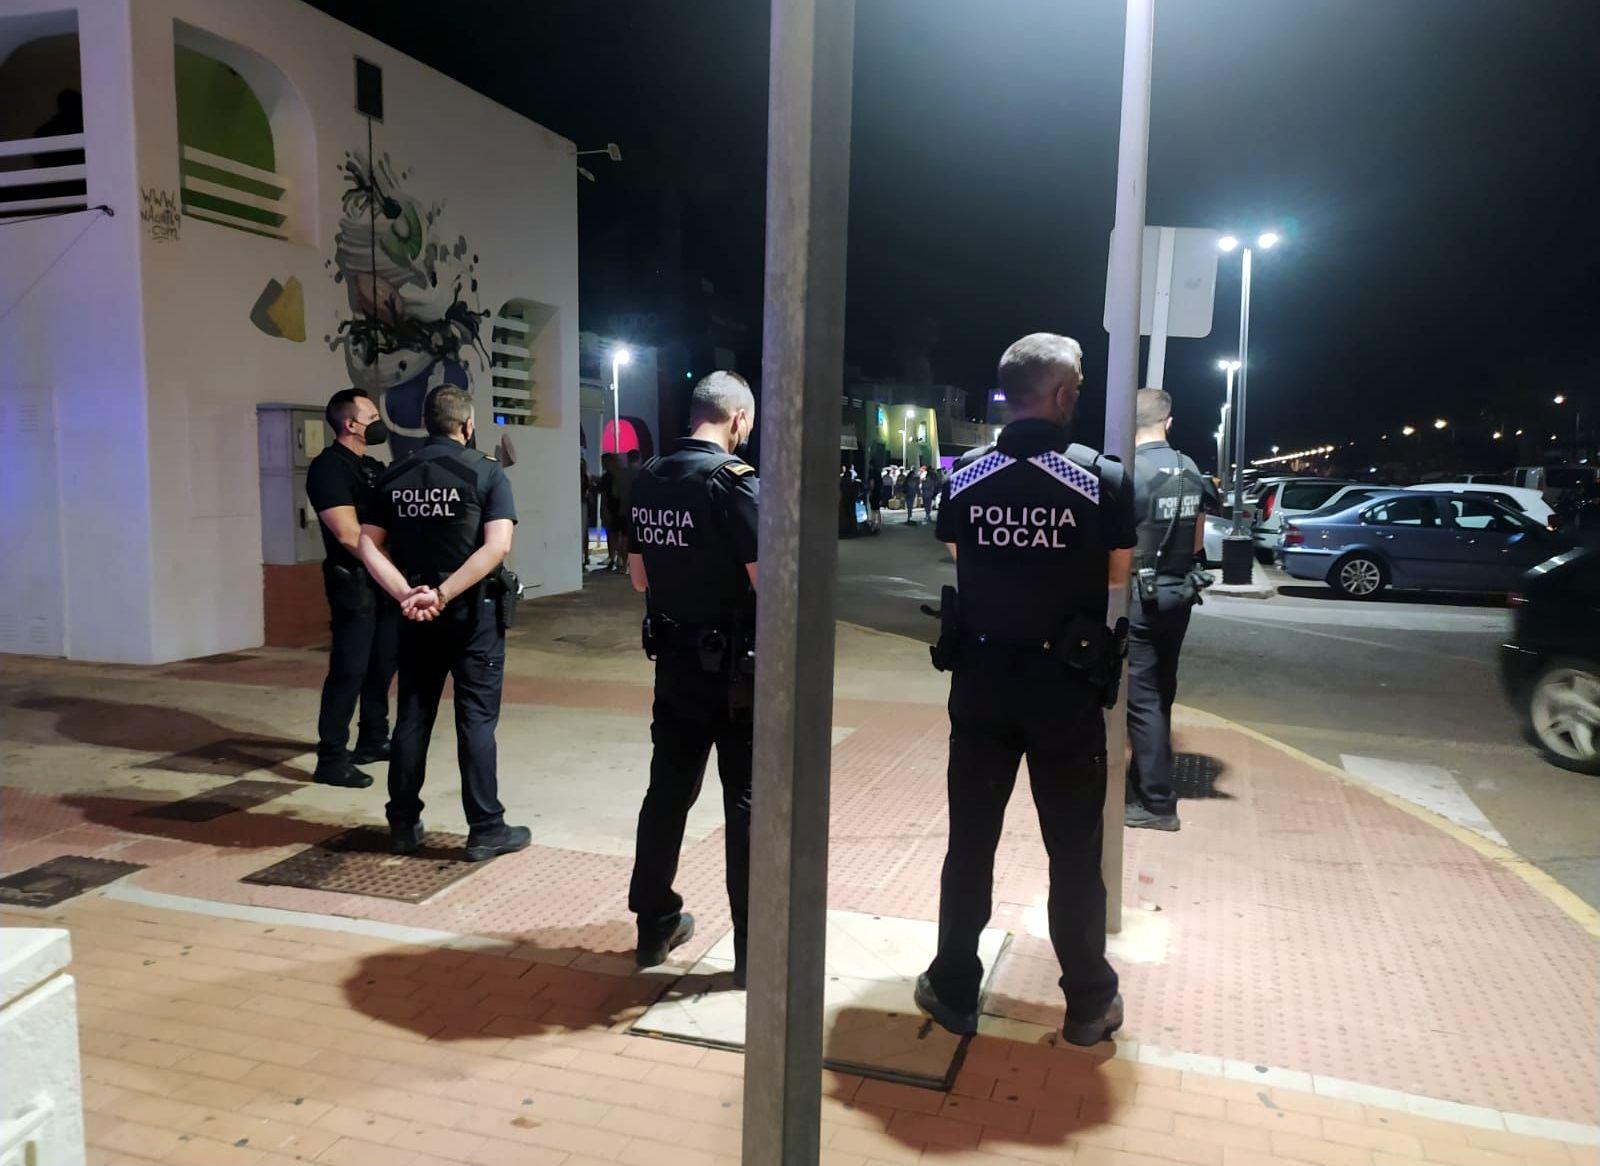 La Policía Local de El Ejido intensifica las labores de vigilancia durante el fin de semana especialmente en las zonas de ocio